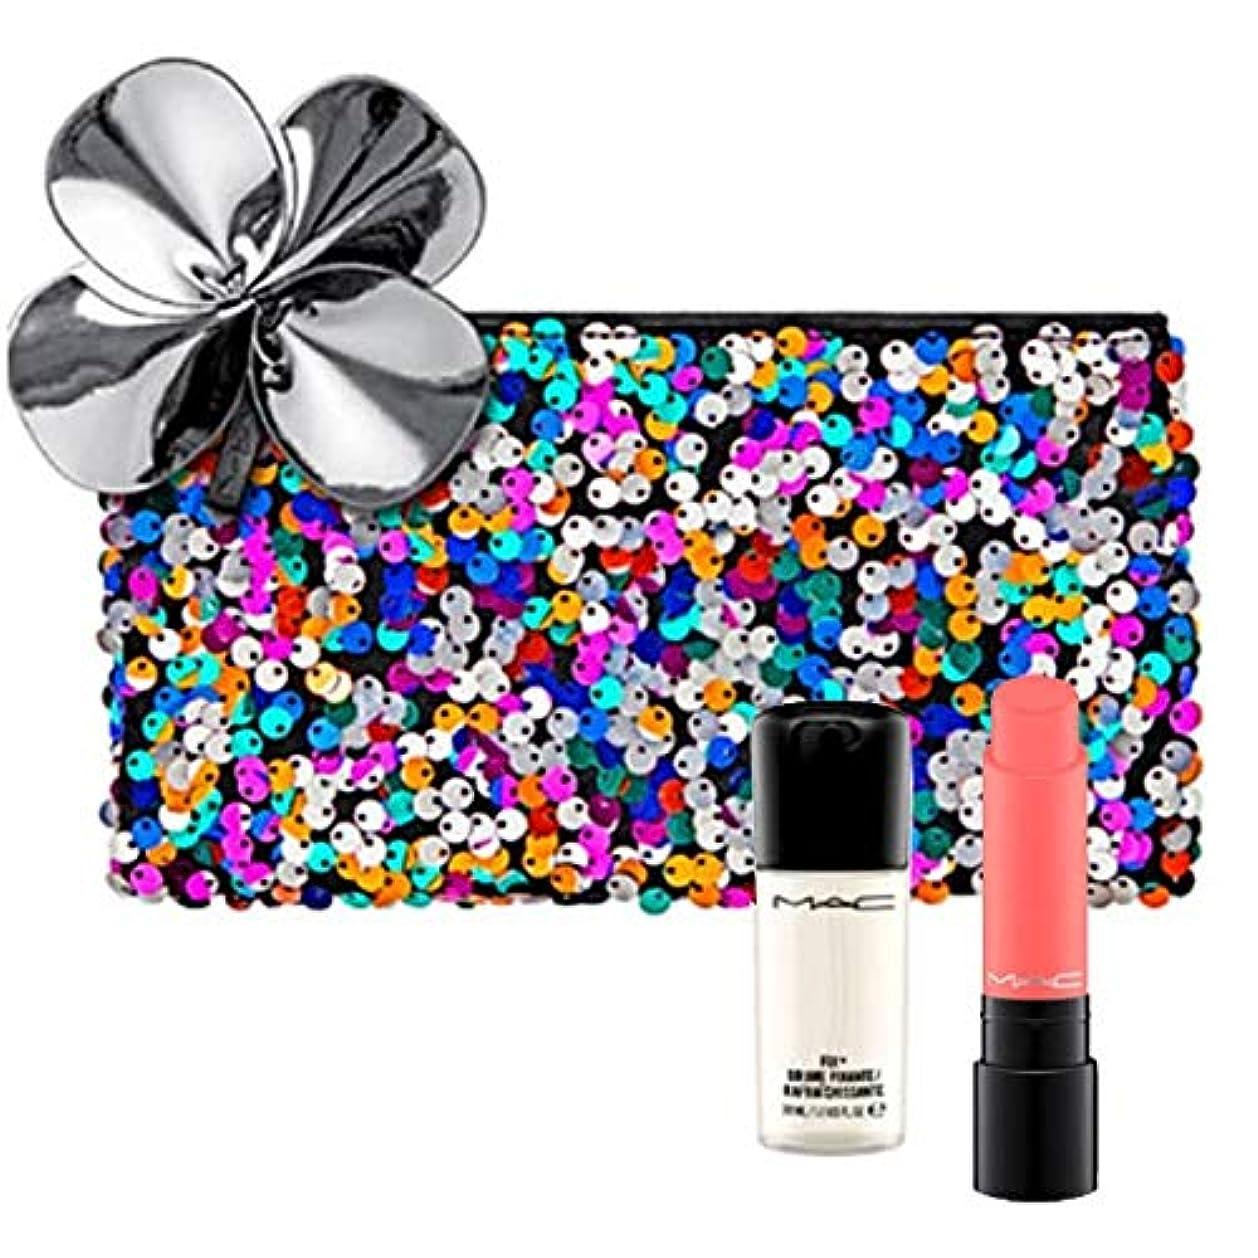 マスク結核荒涼としたM.A.C ?マック, Sequin Bag + Lipstick (King Salmon) + Mini Setting Spray(30ml) [海外直送品] [並行輸入品]